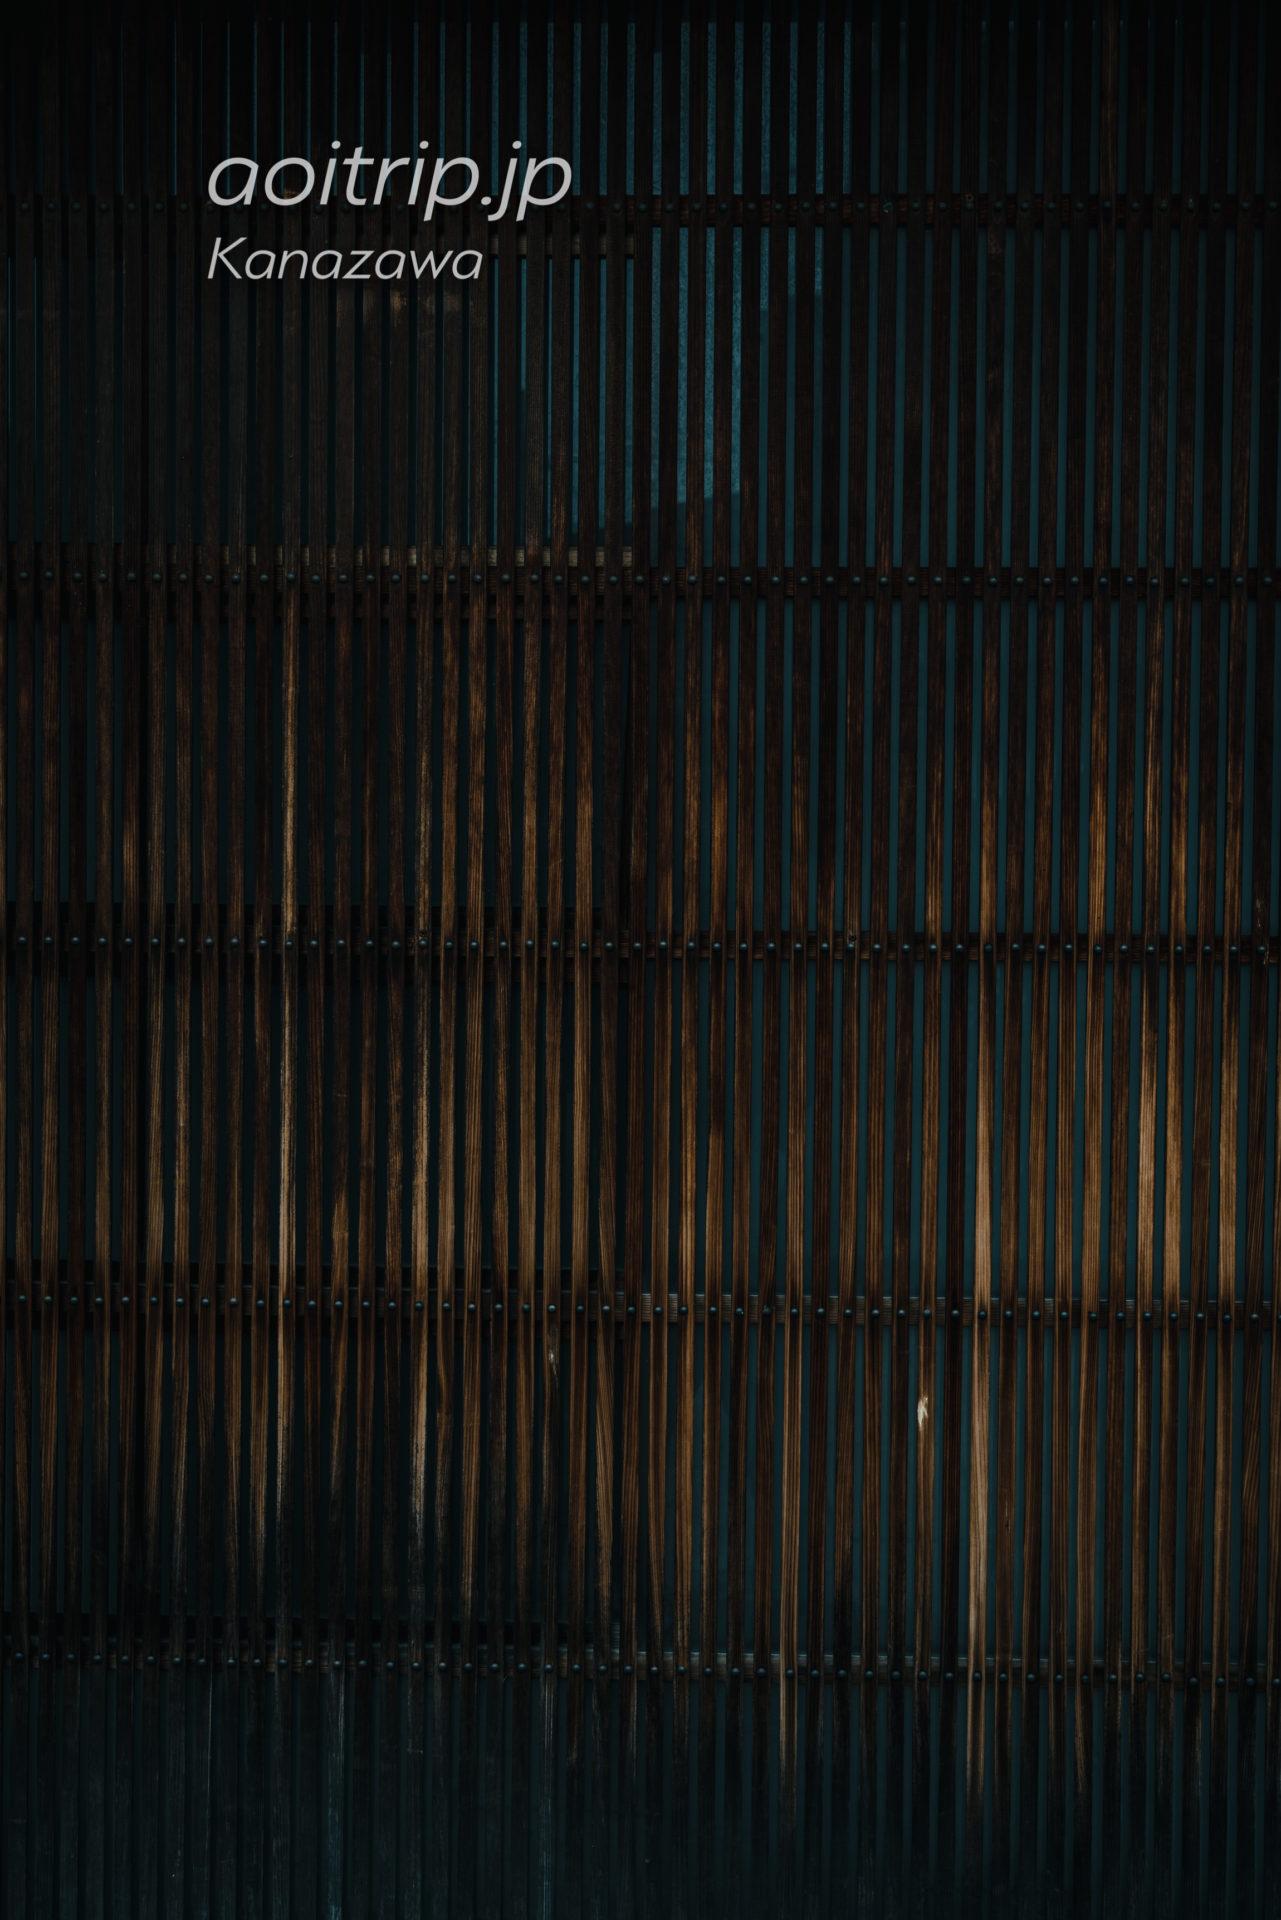 金沢 ひがし茶屋街の木虫籠